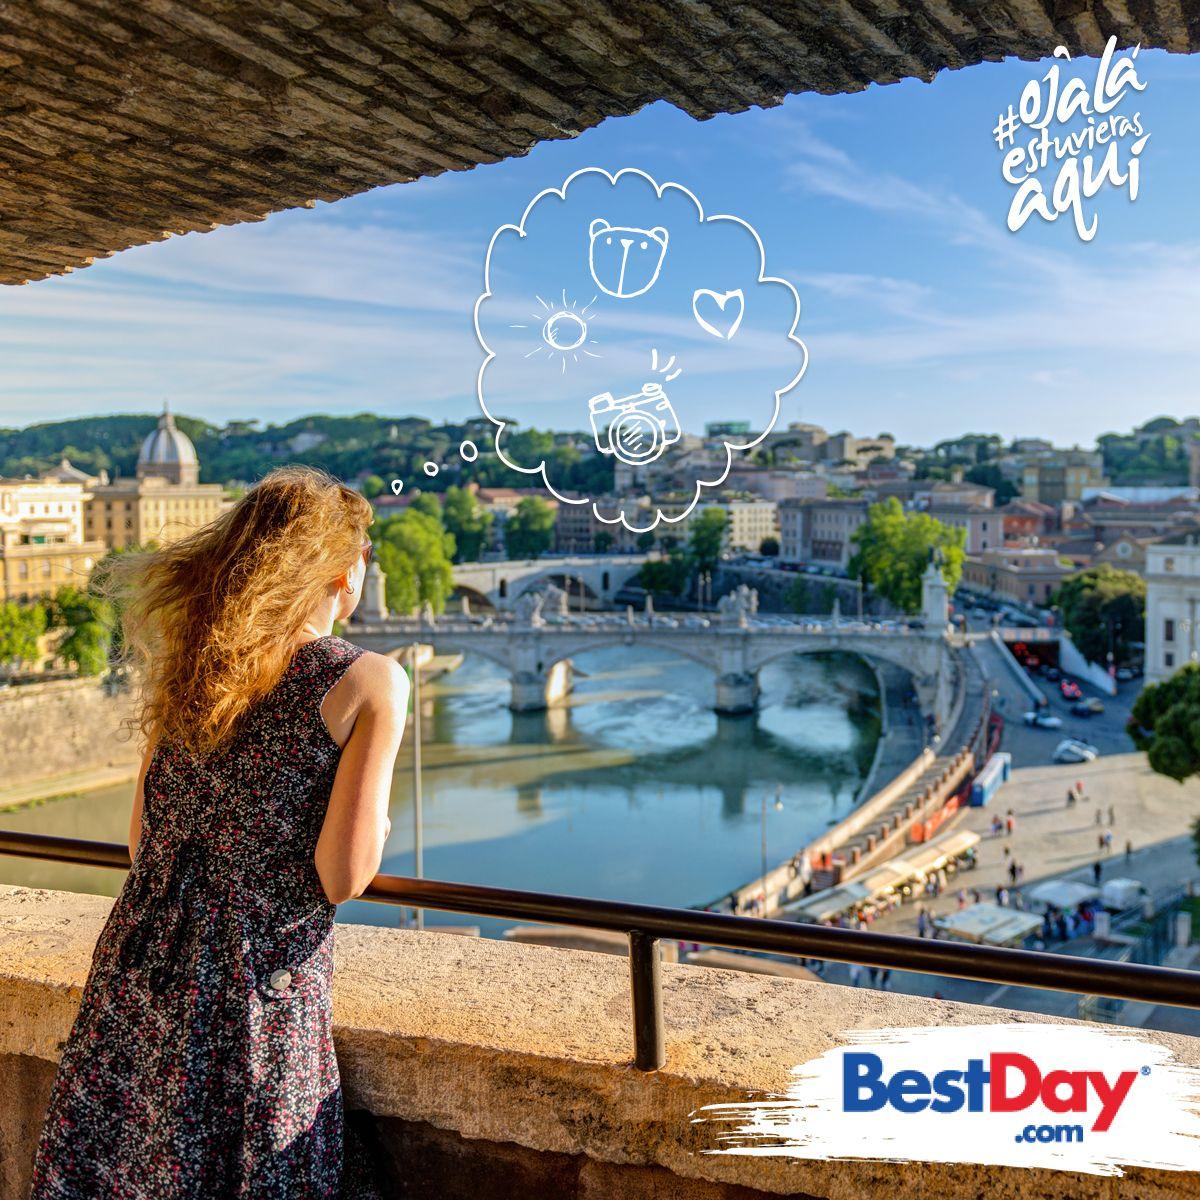 Si viajas a #Roma uno de los monumentos que tienes que visitar es el Castillo de Sant' Angelo, lo encuentras a la orilla del río Tiber y a poca distancia de la ciudad del Vaticano. #OjaláEstuvierasAquí